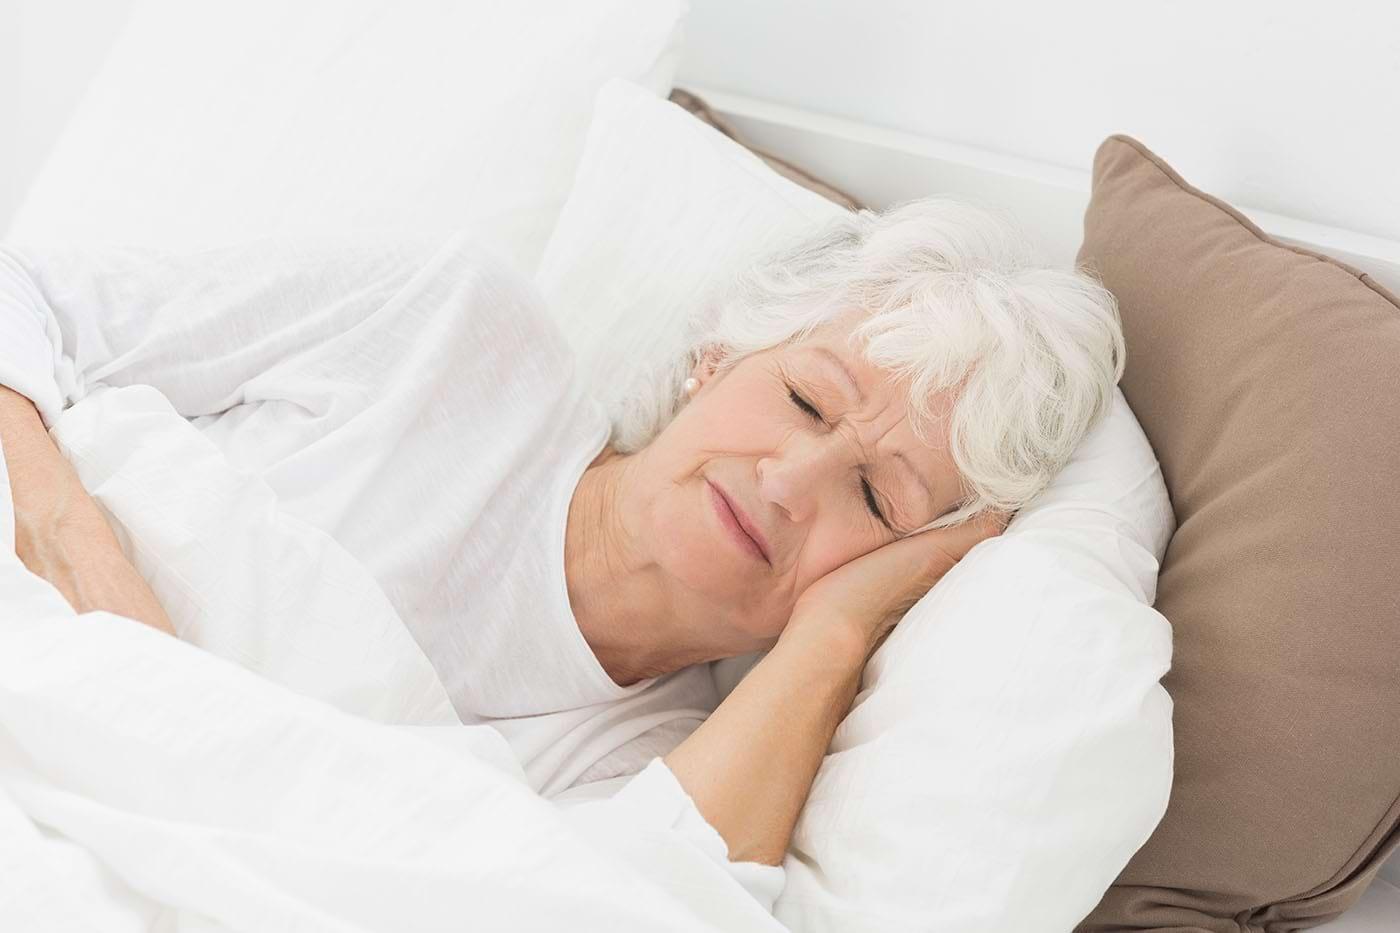 Somnul de după-amiază poate susține funcția cognitivă la vârstnici [studiu]